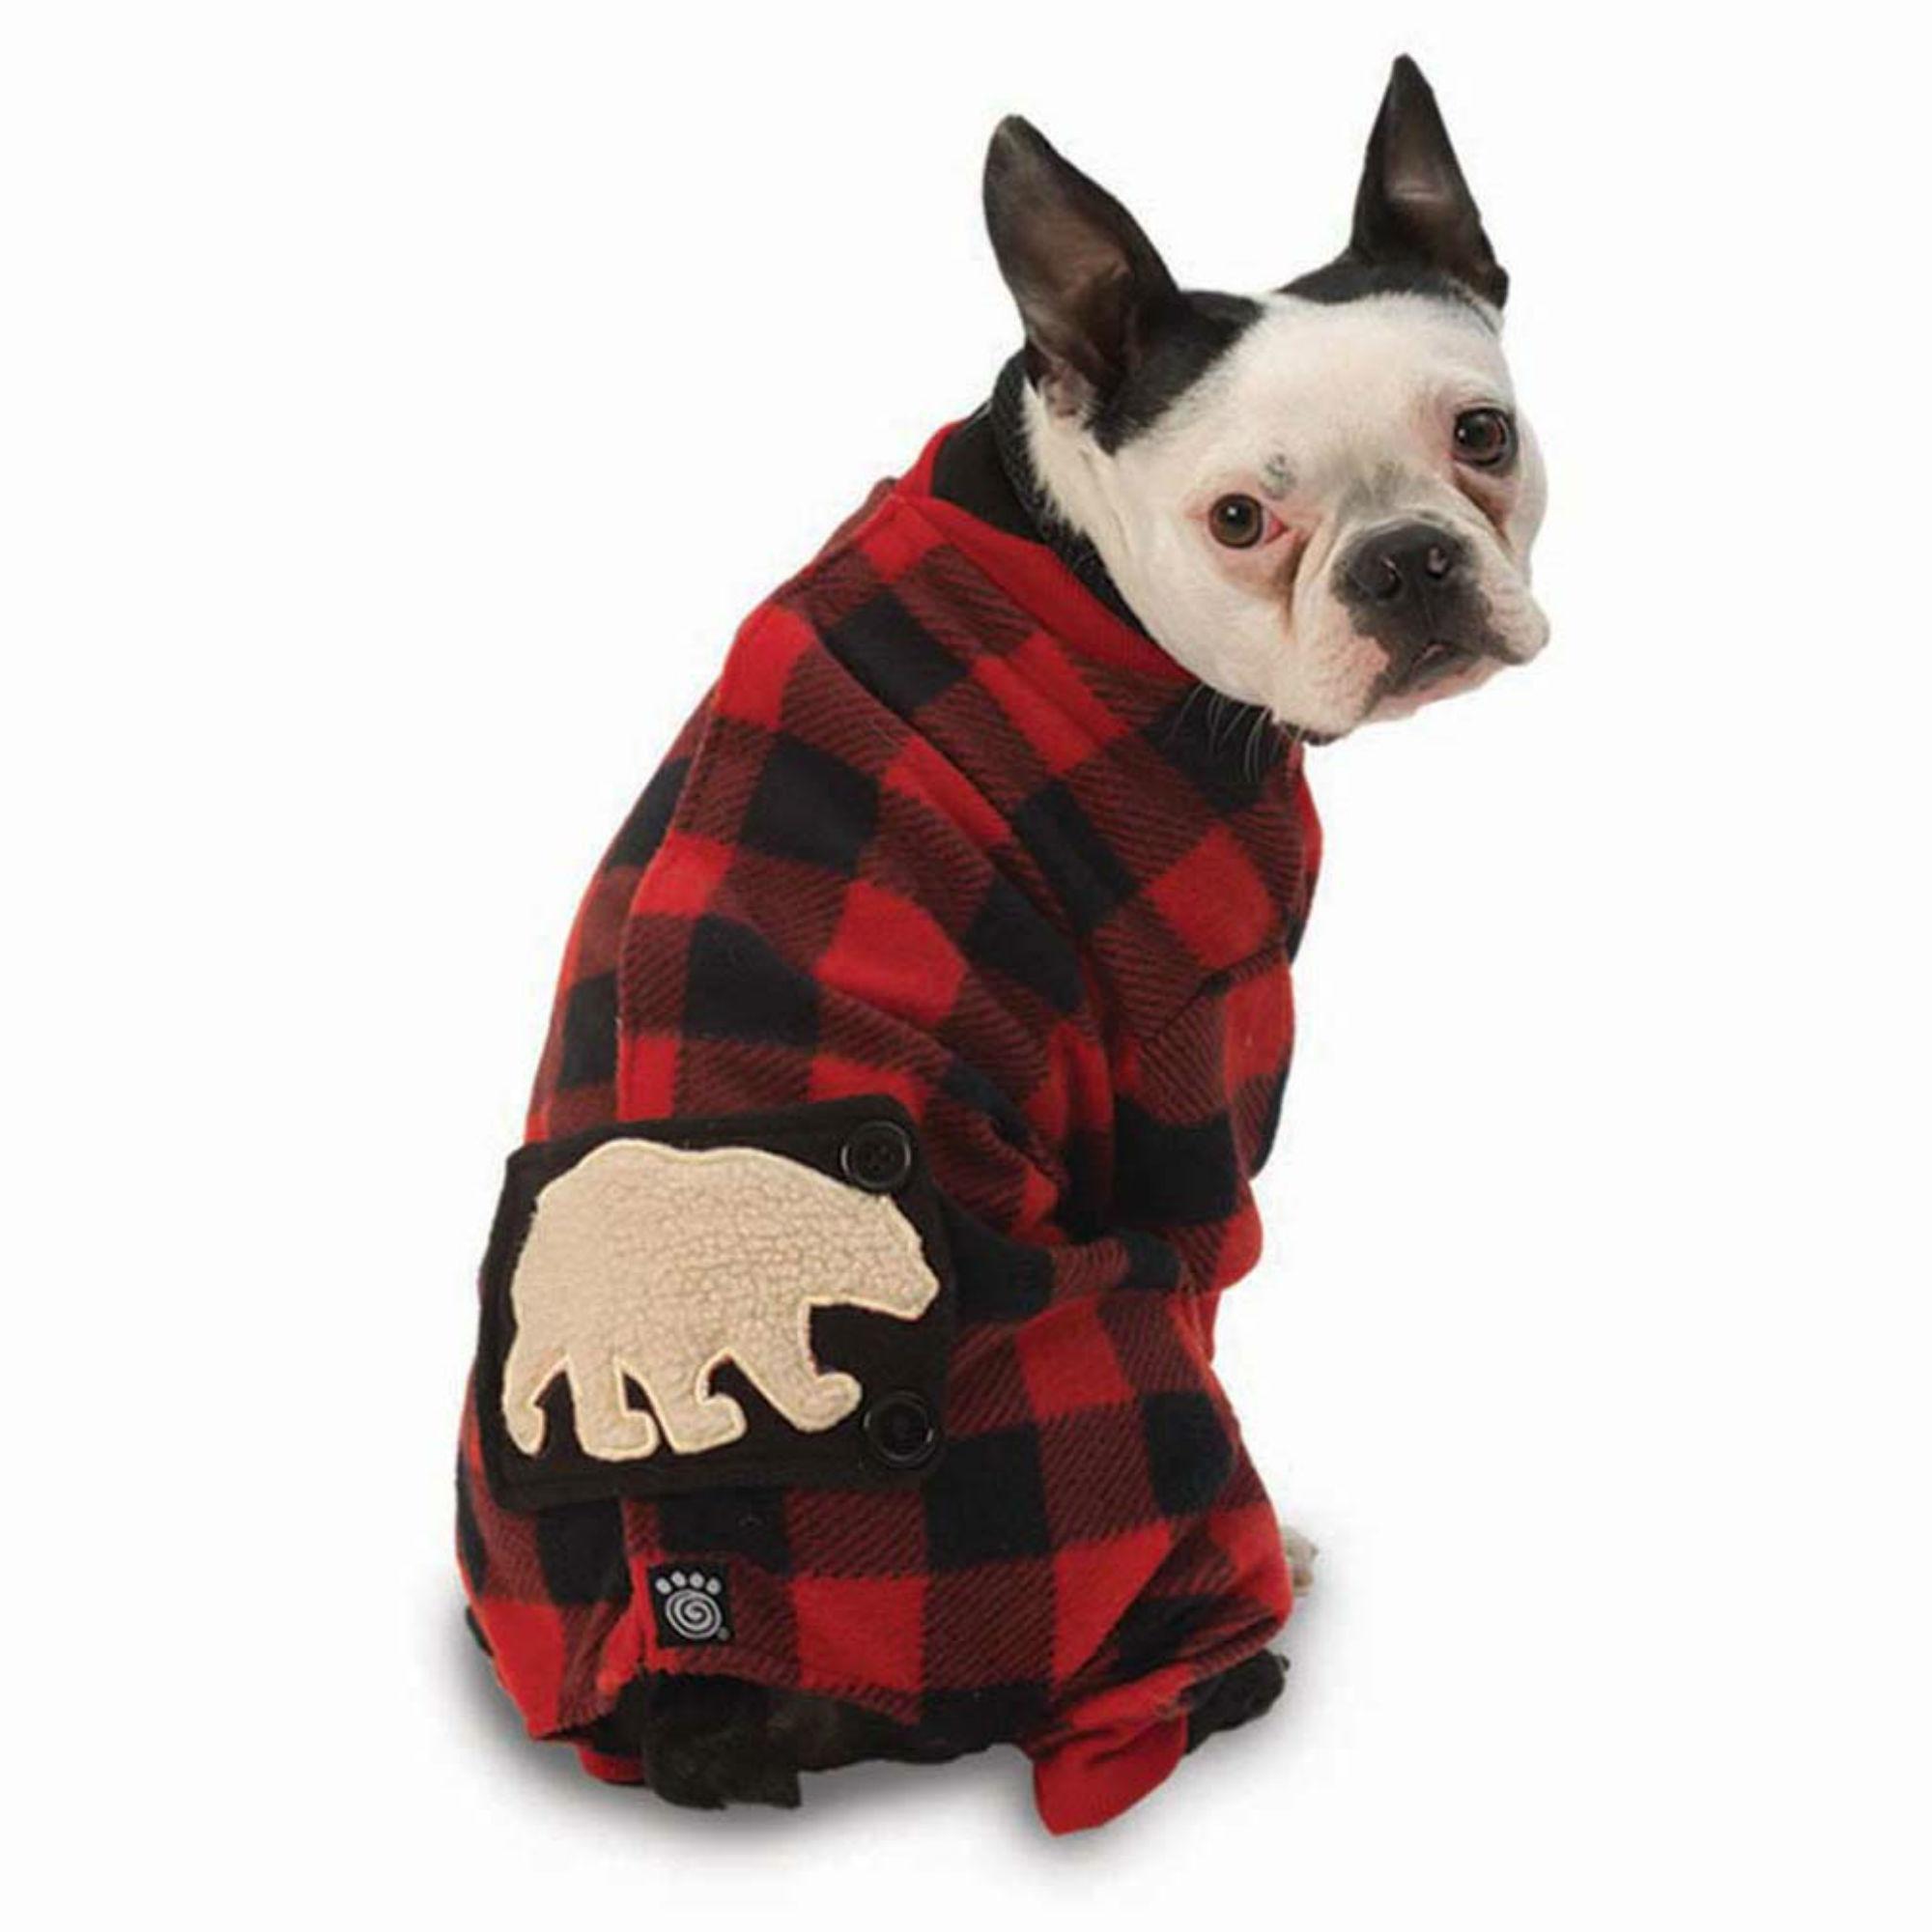 Jackson Polar Bear Dog Pajamas - Red/Black